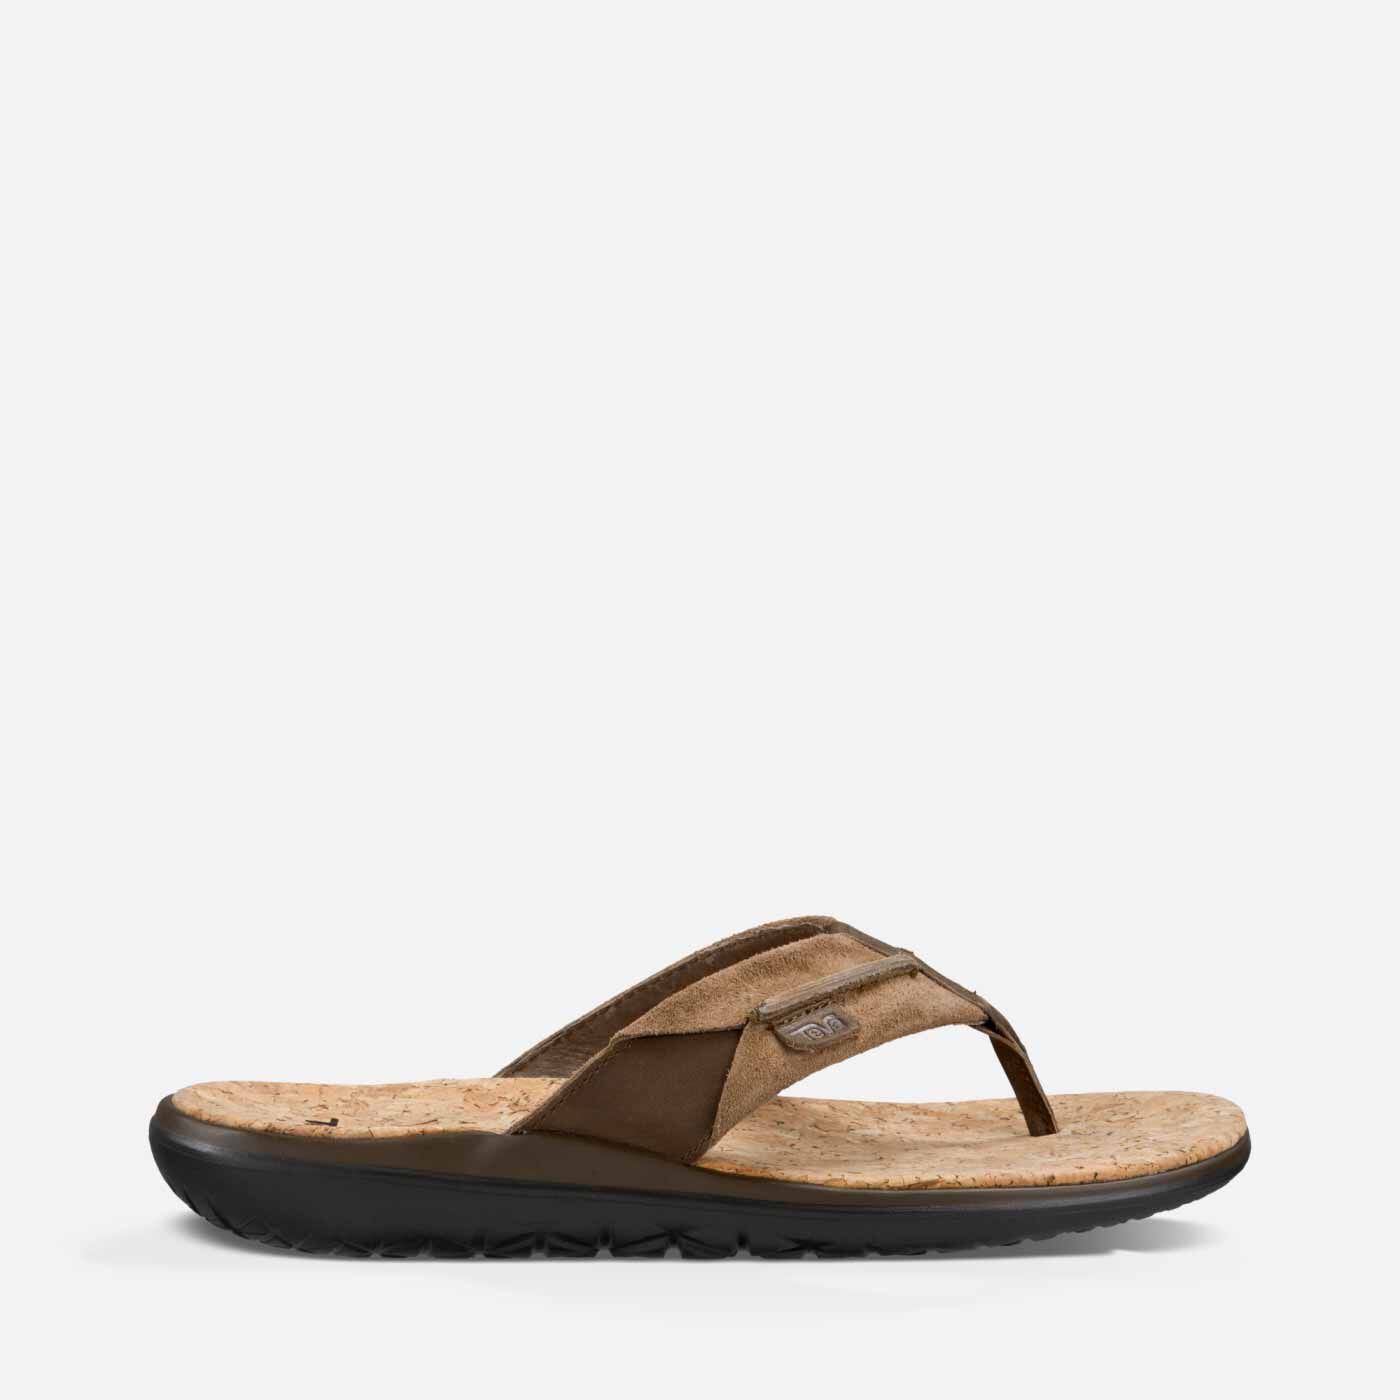 Sandals shoes sale - Terra Float Flip Lux